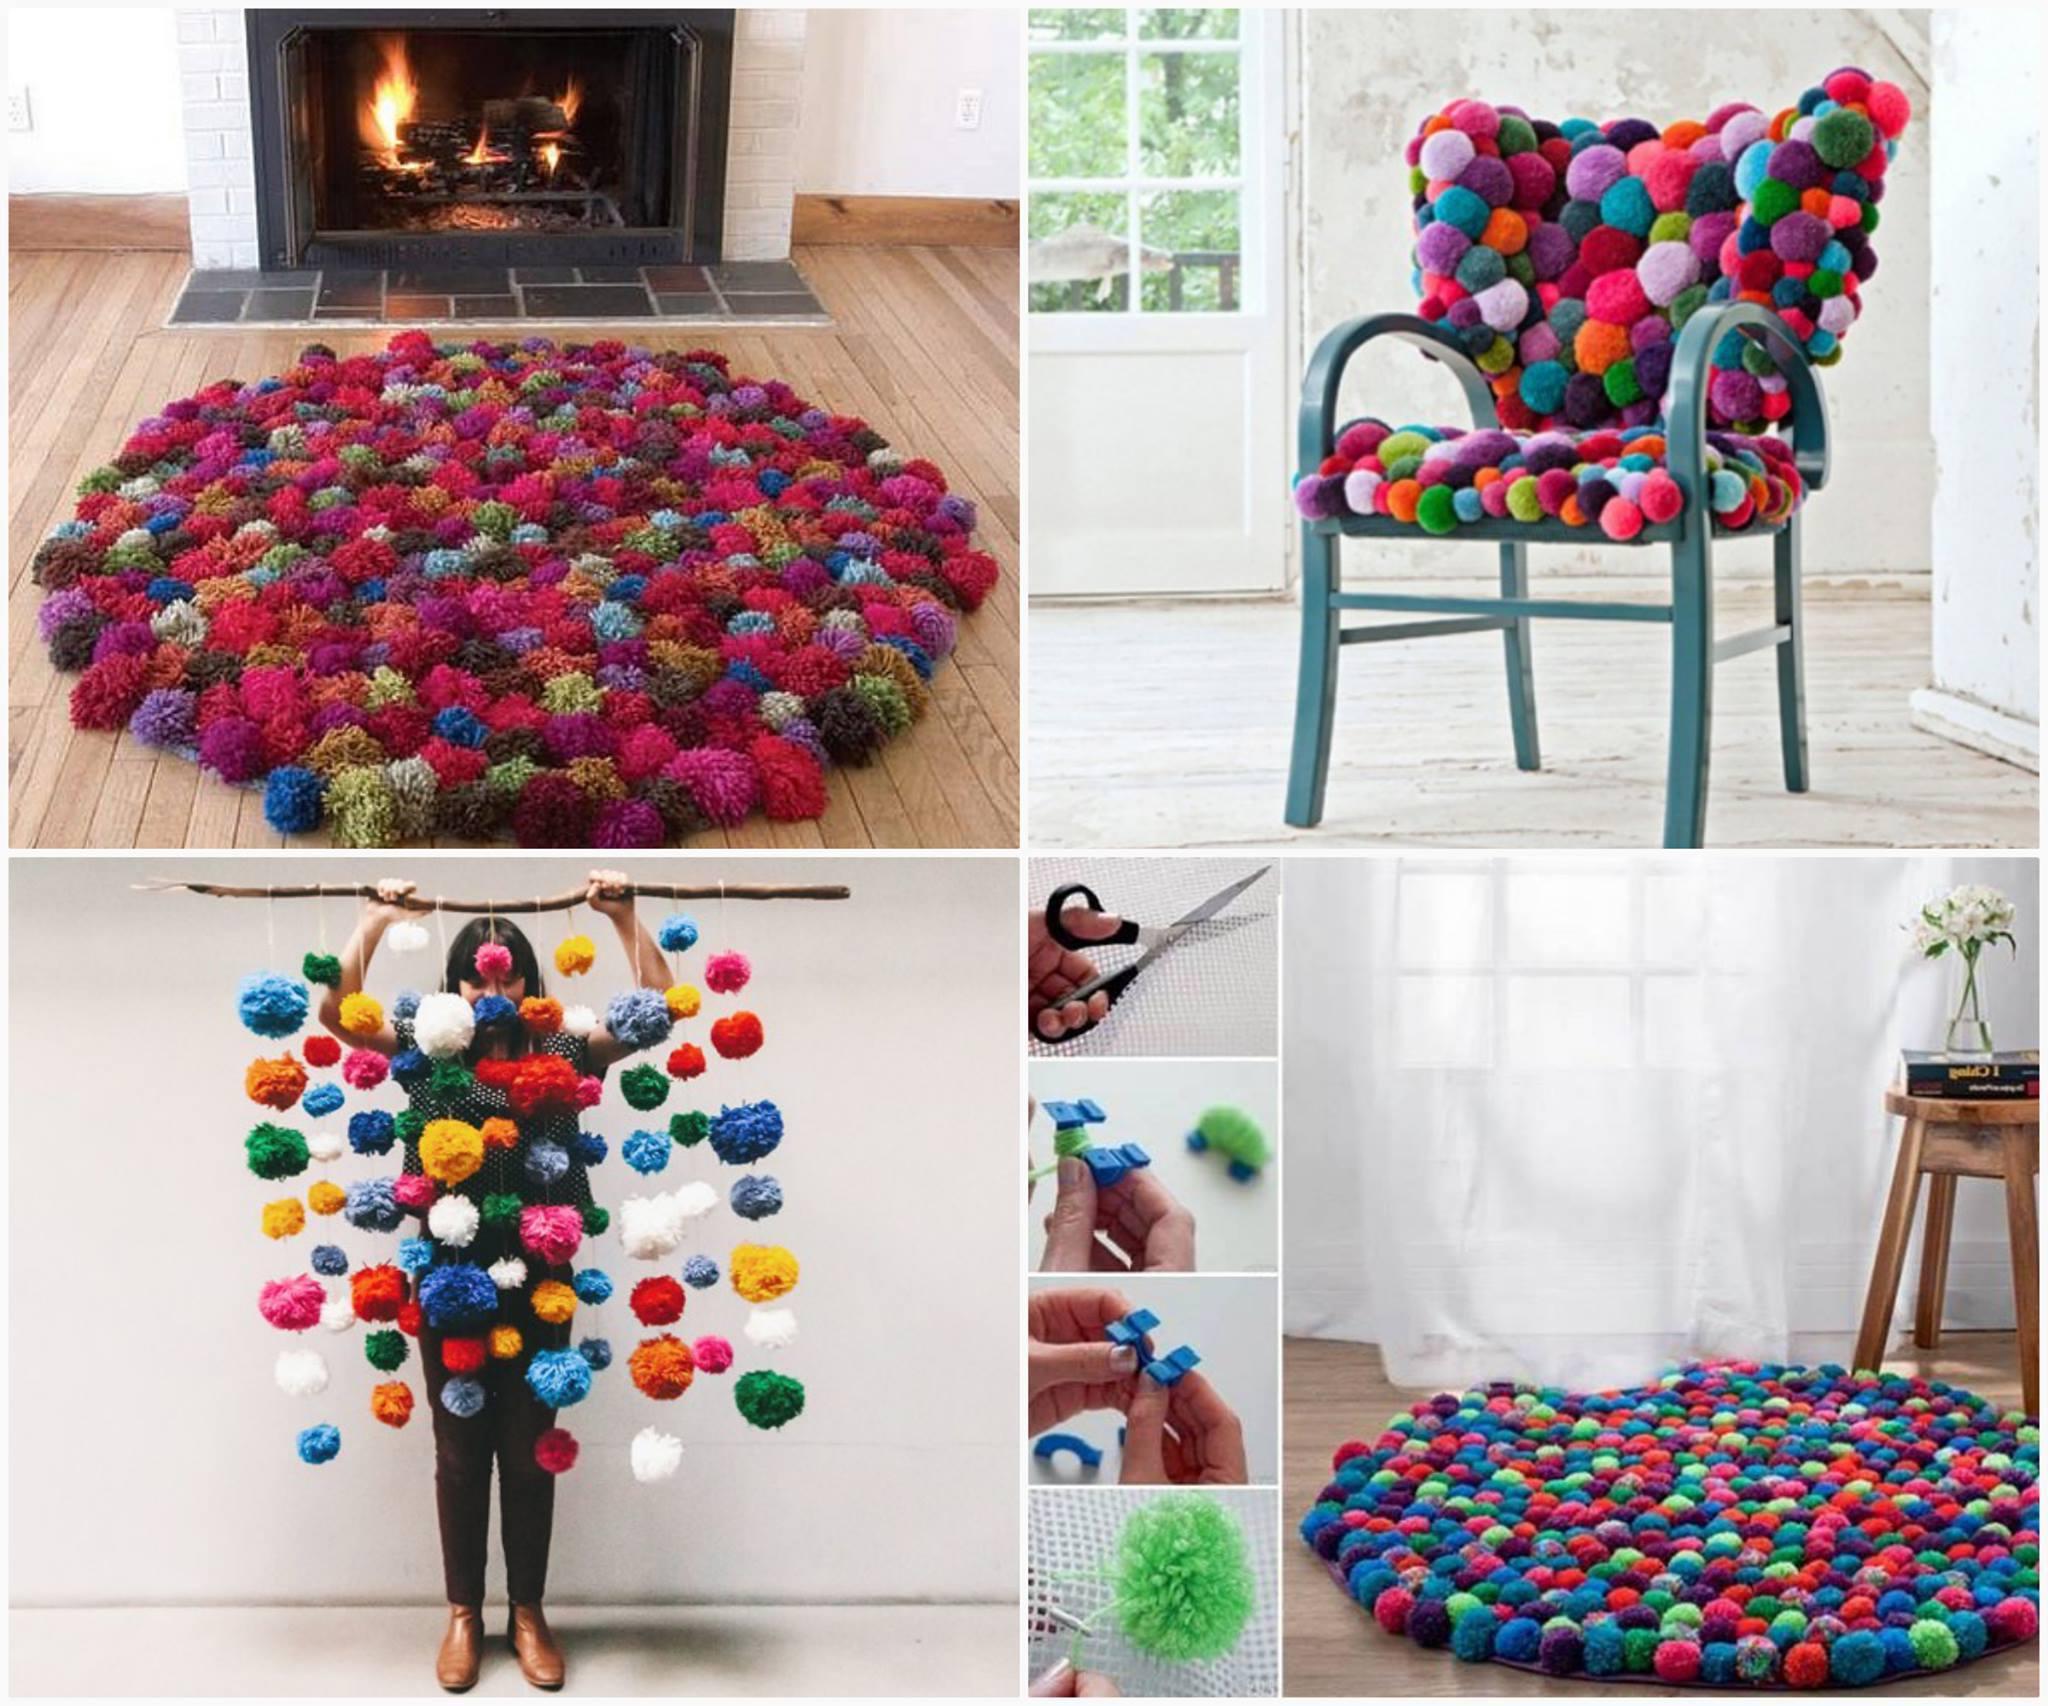 Gestalten Sie sich Zuhause die coolsten Sachen aus Pompoms